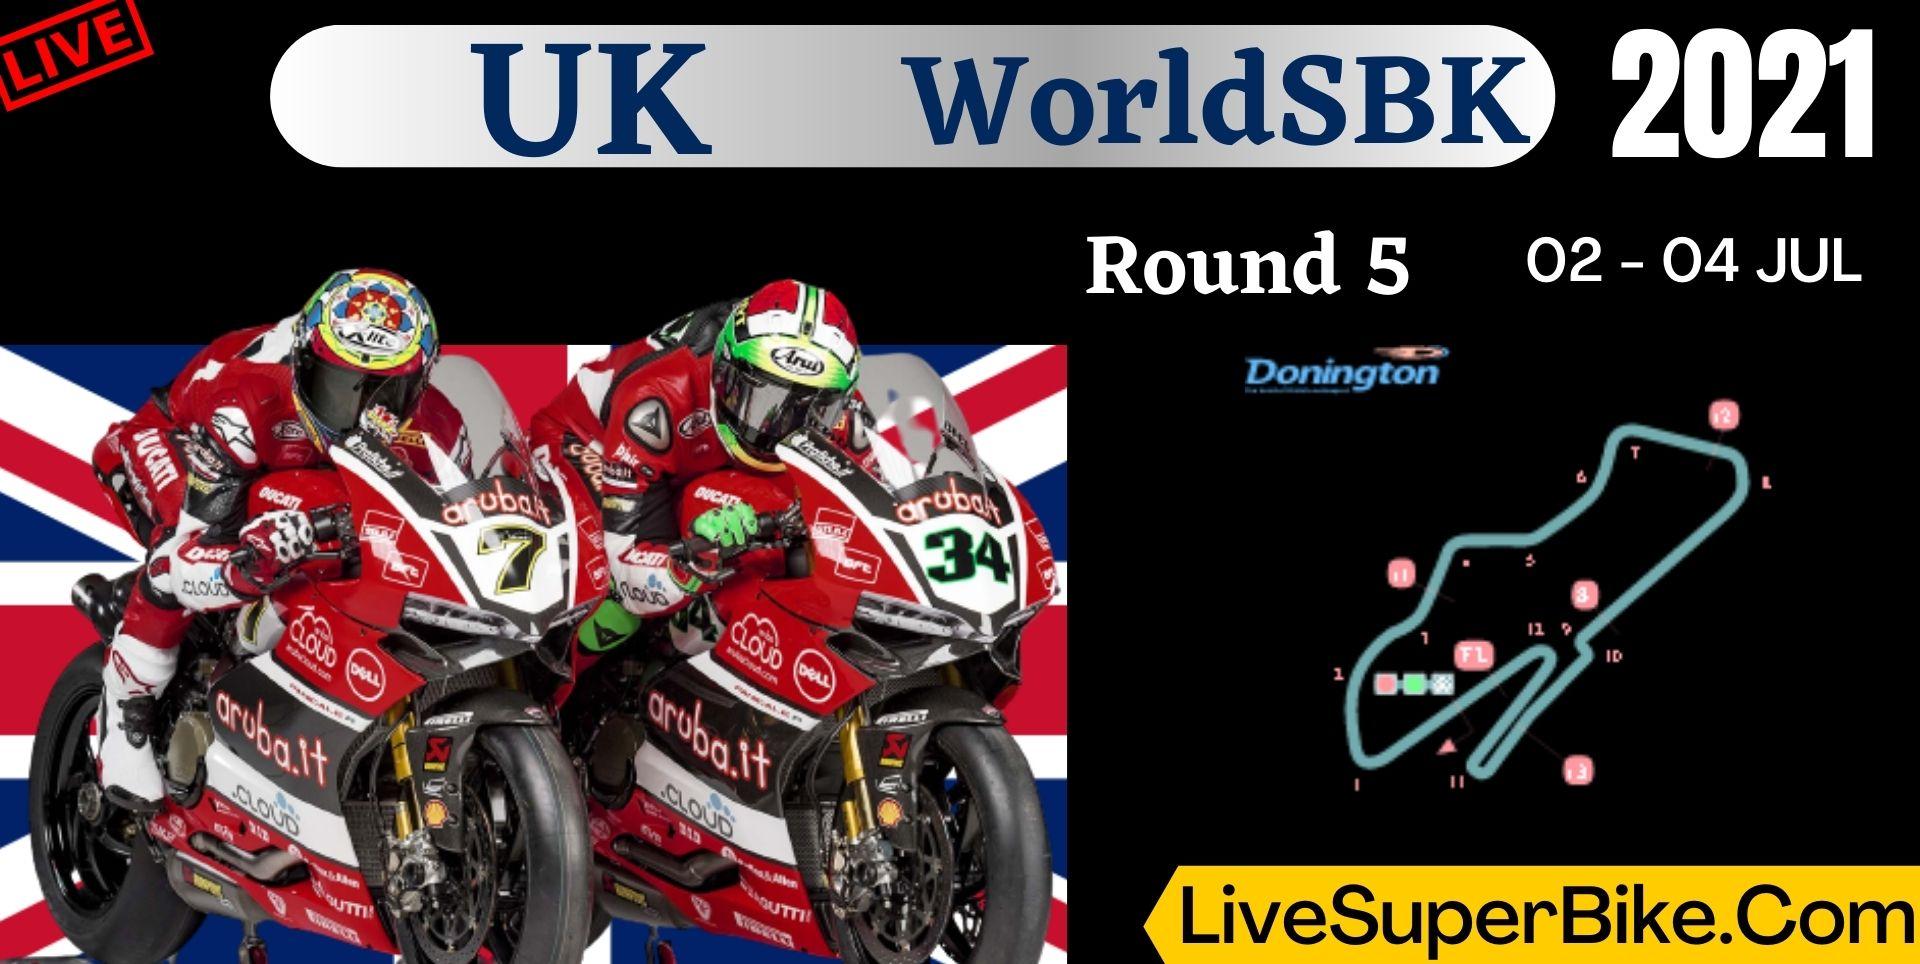 UK Round 5 Live Stream 2021 | WorldSBK